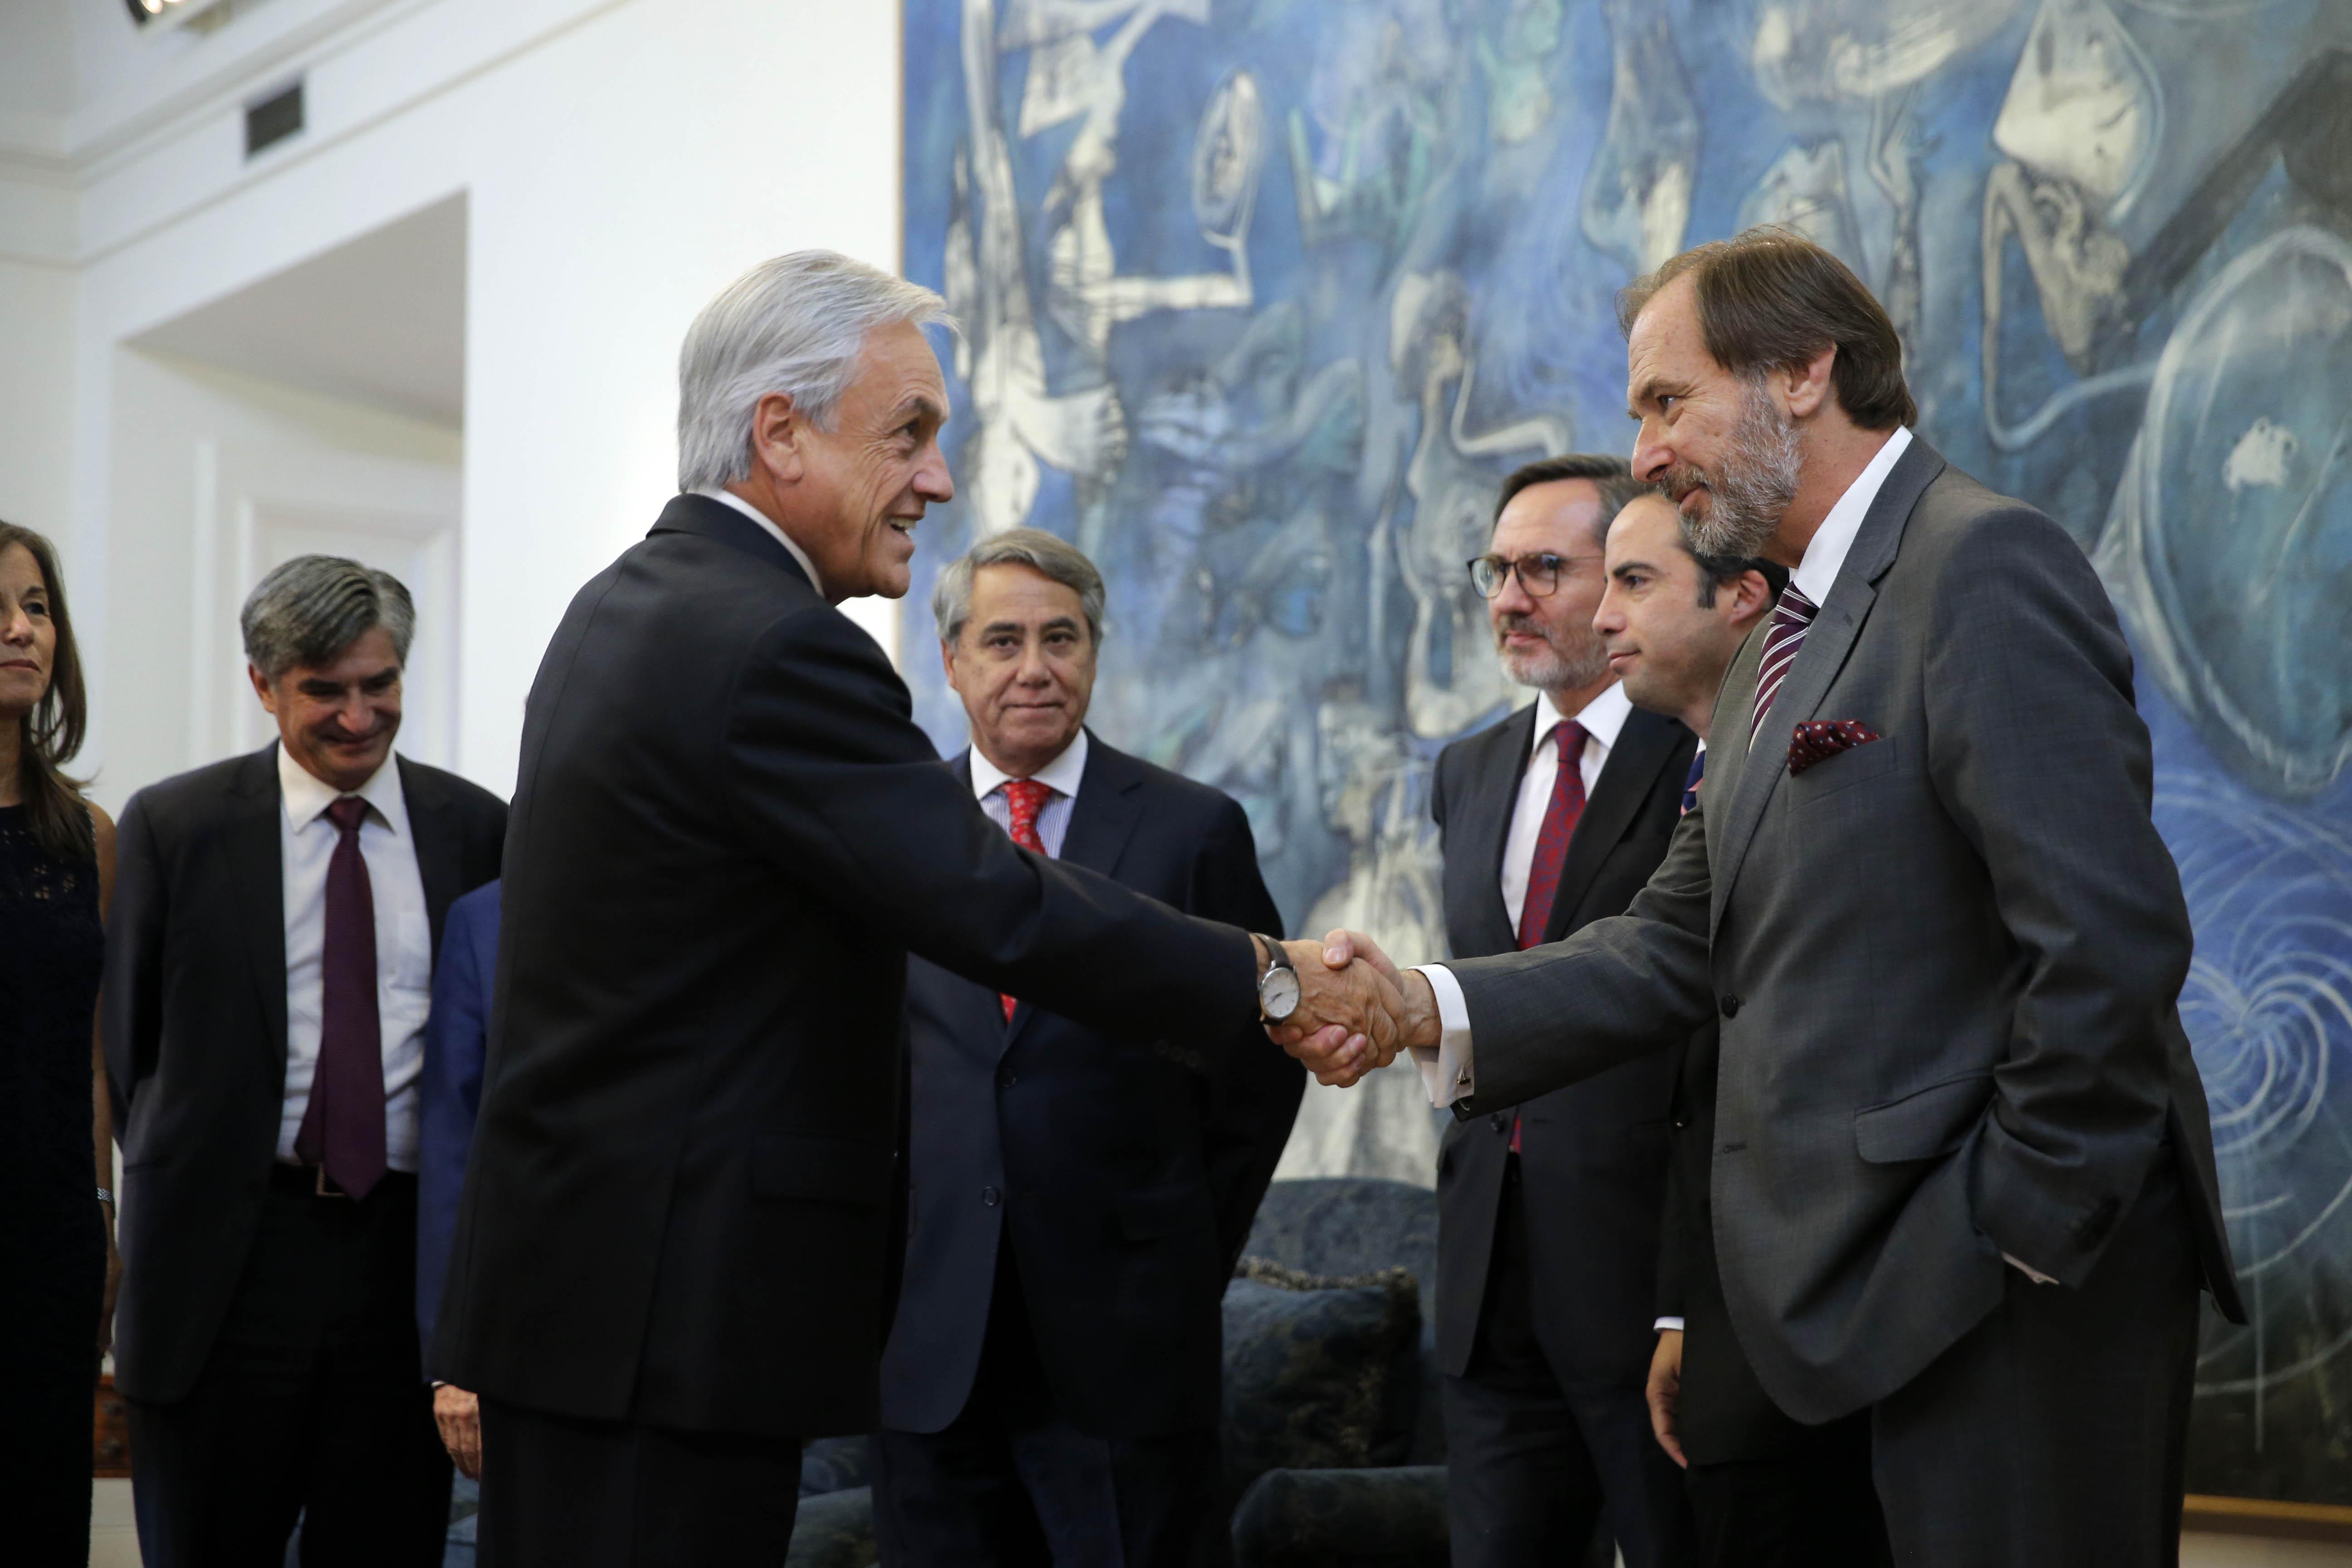 Ministros del TC solicitaron a Piñera un bono extra para aumentar sus sueldos